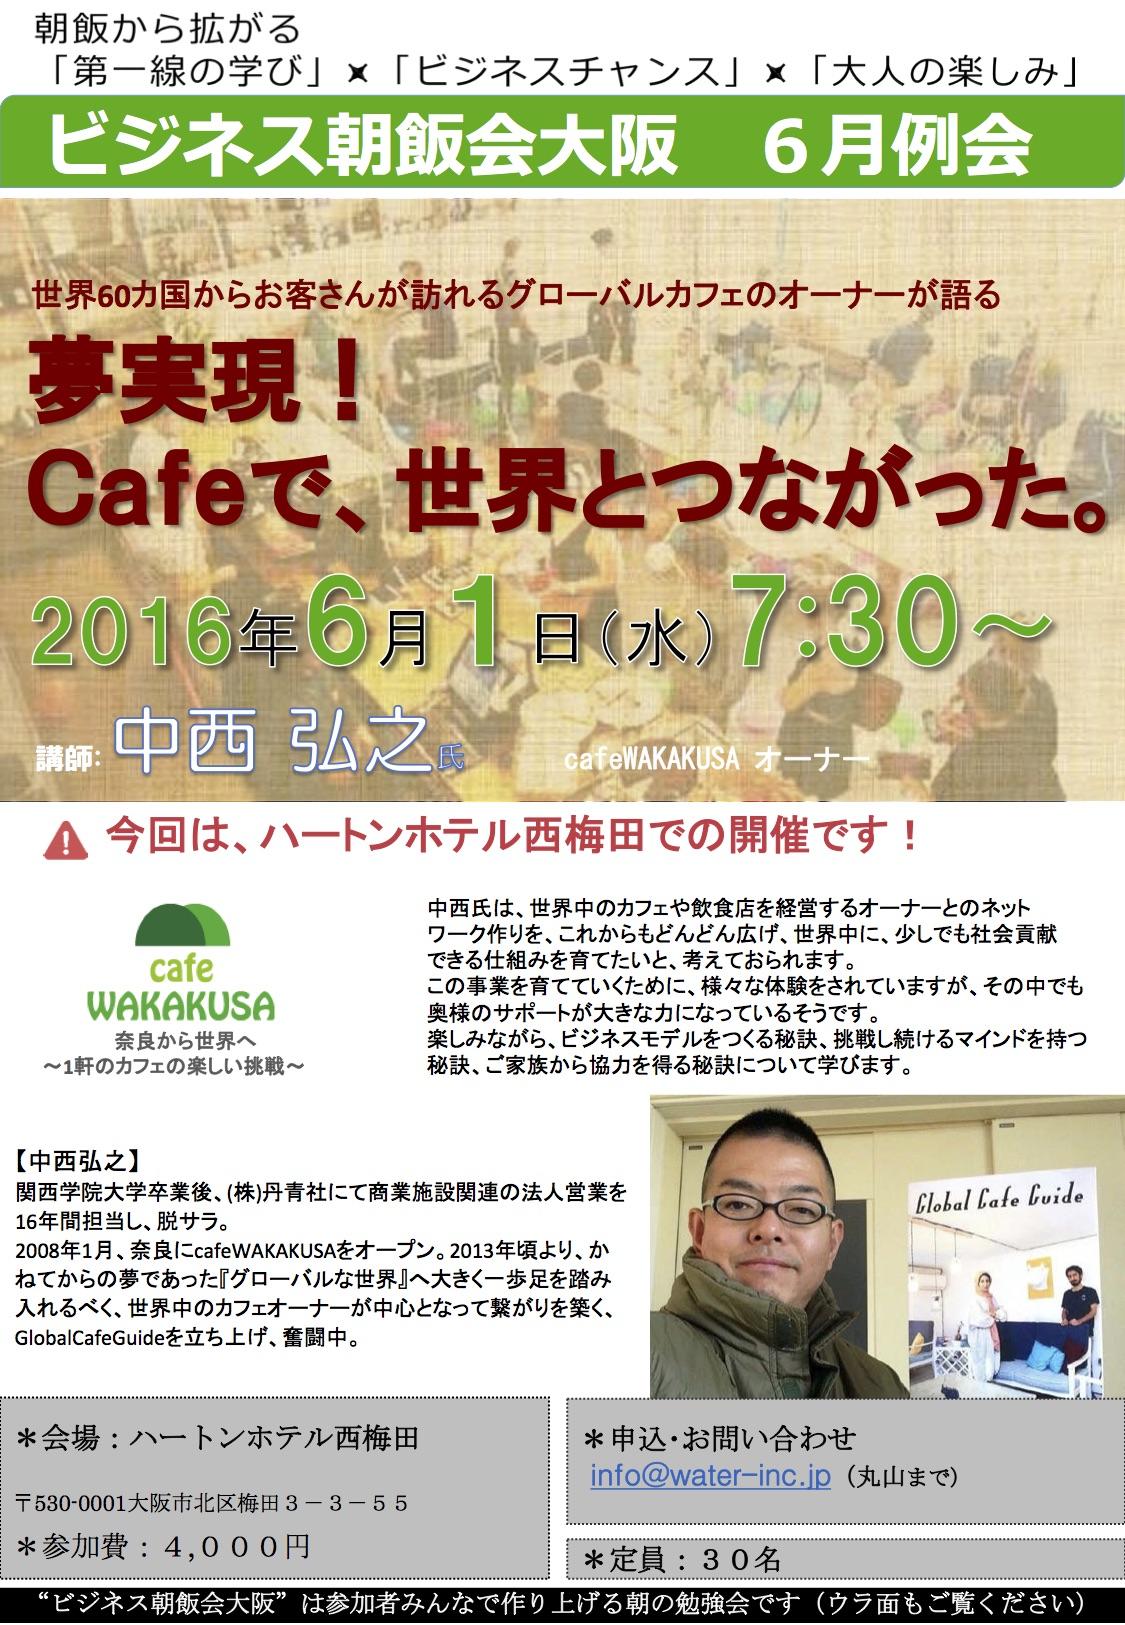 ビジネス朝飯会大阪6月